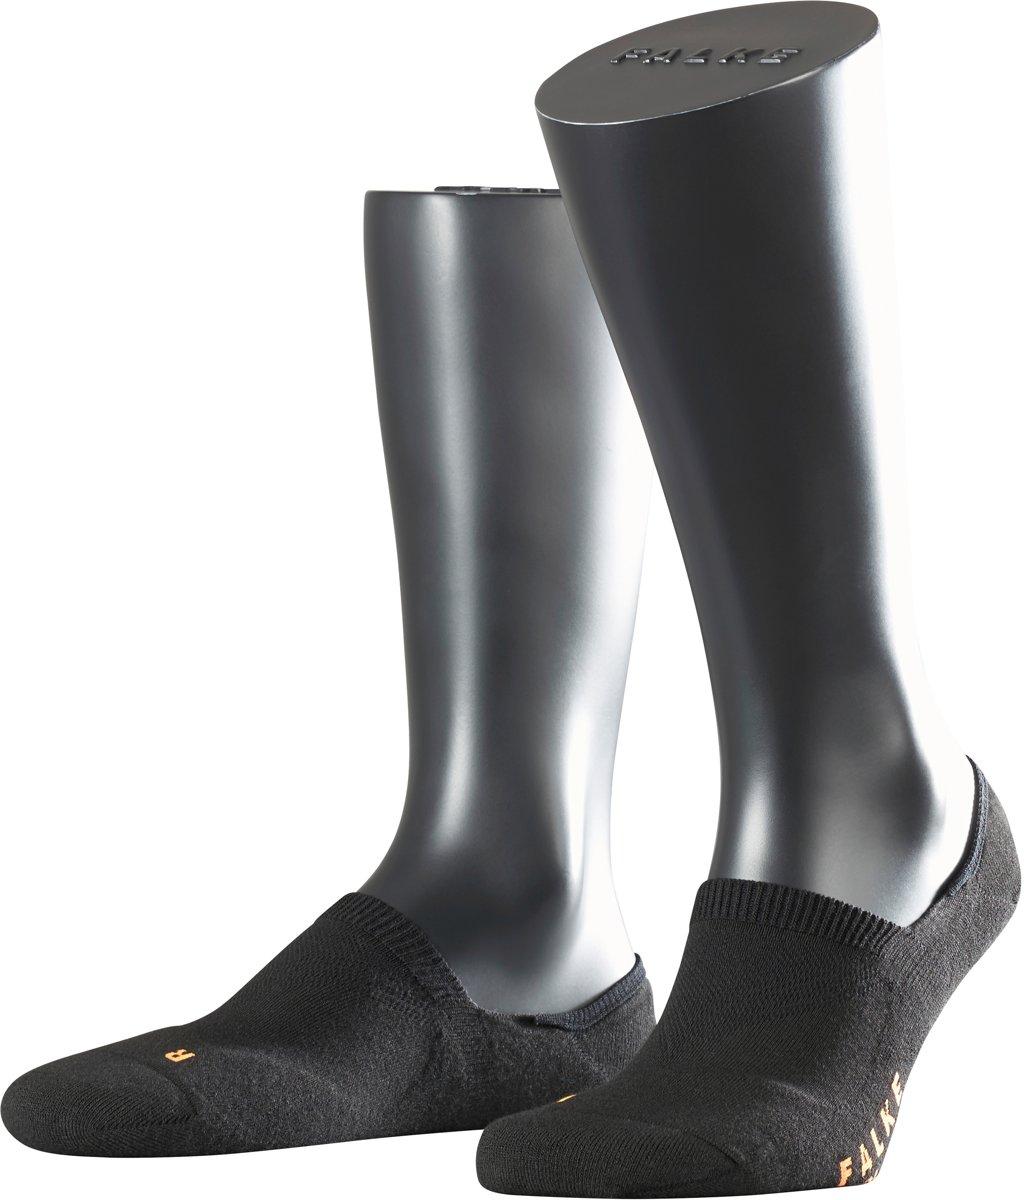 FALKE Cool Kick Invisible Sneakersokken - Zwart - Maat 39-41 kopen